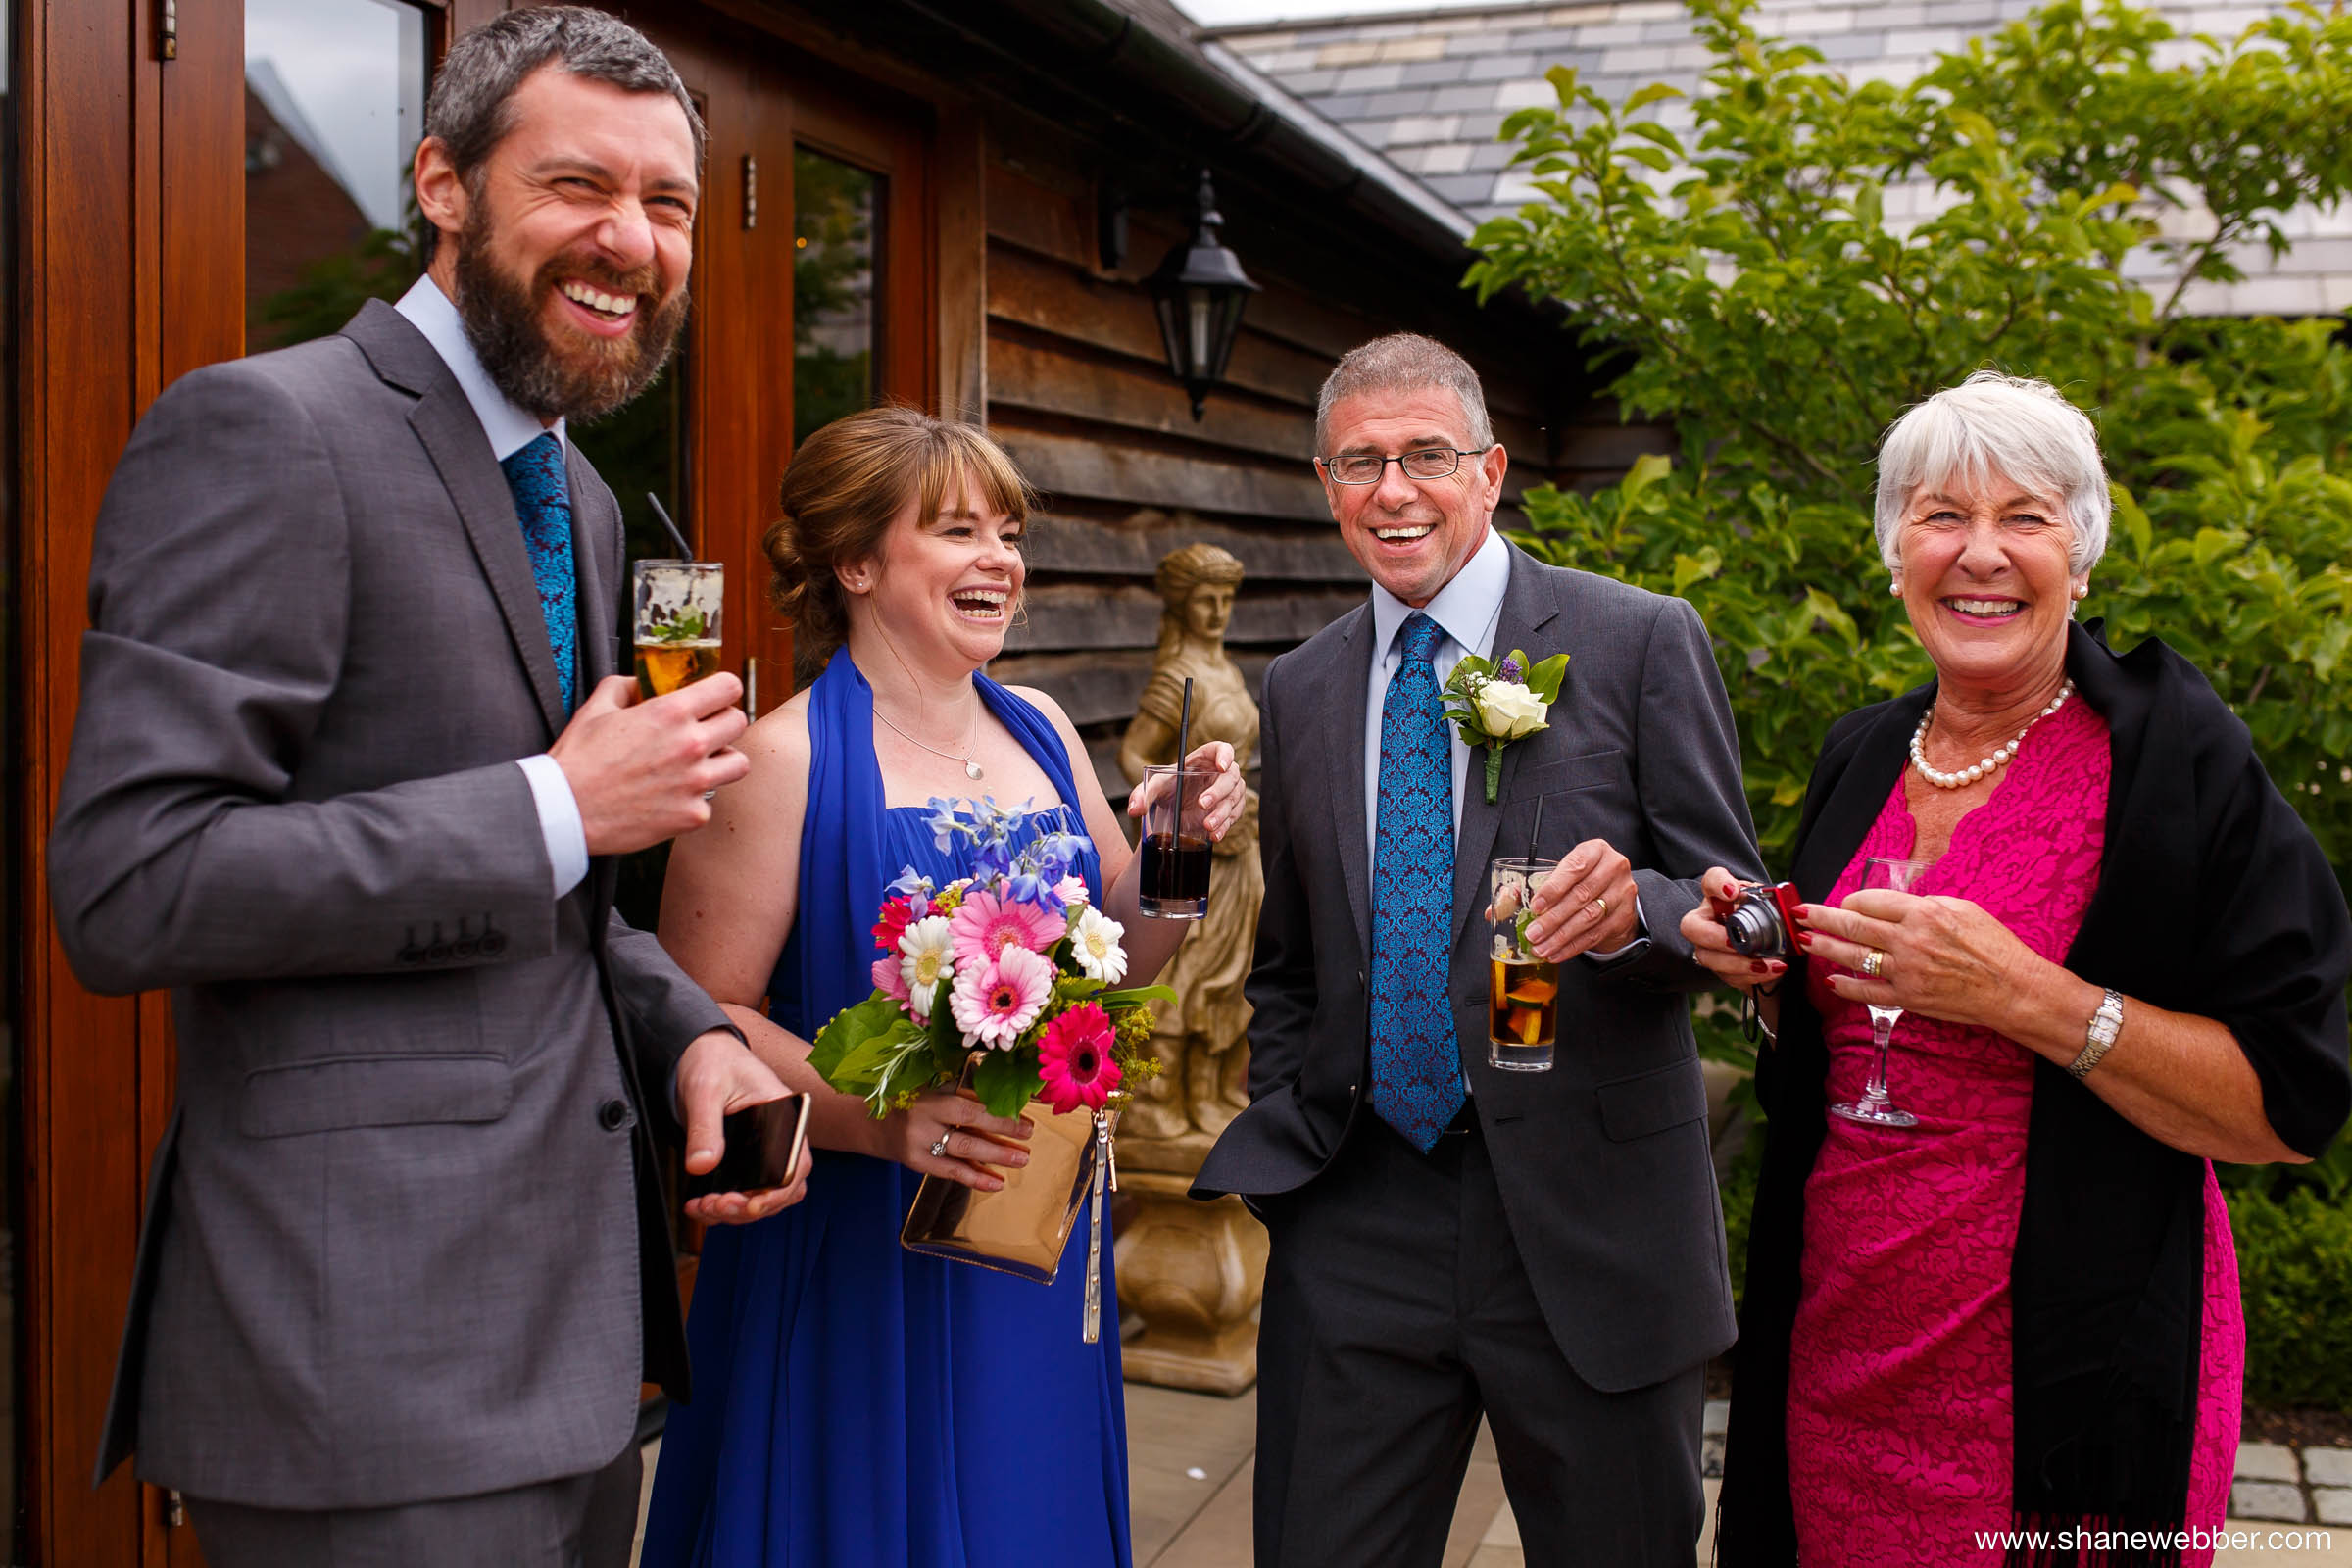 Best wedding pictures at Sandhole Oak Barn